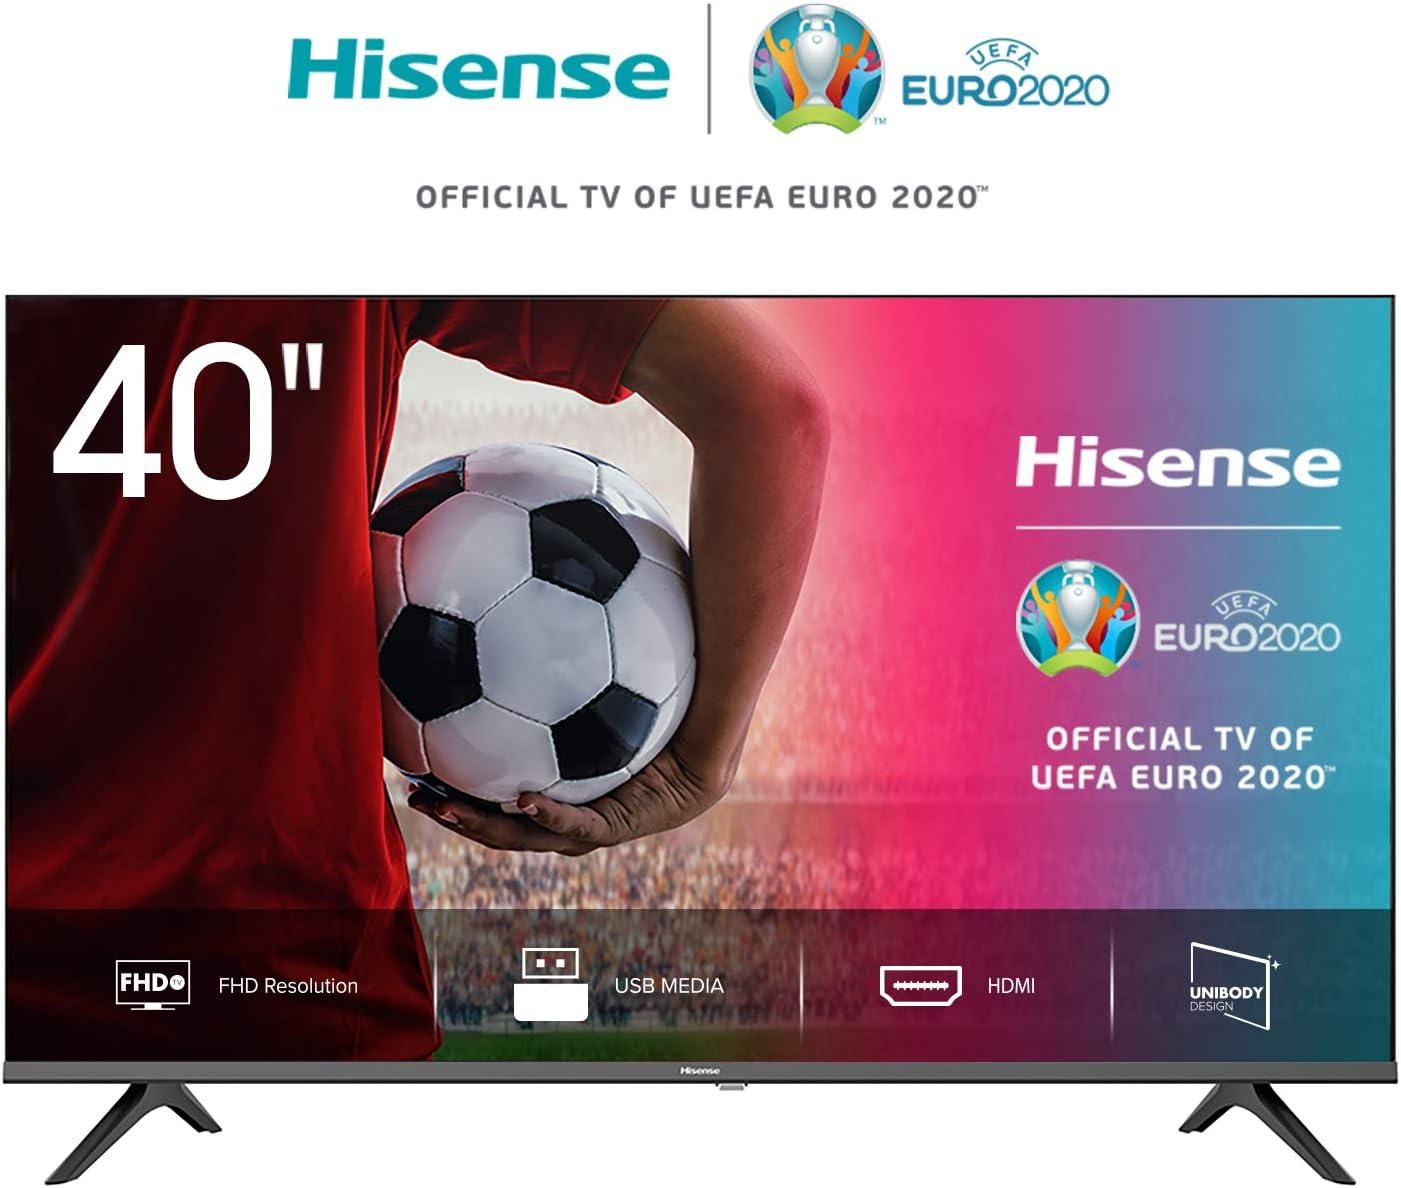 Hisense FHD TV 2020 40AE5000F - Feature TV Resolución Full HD ...